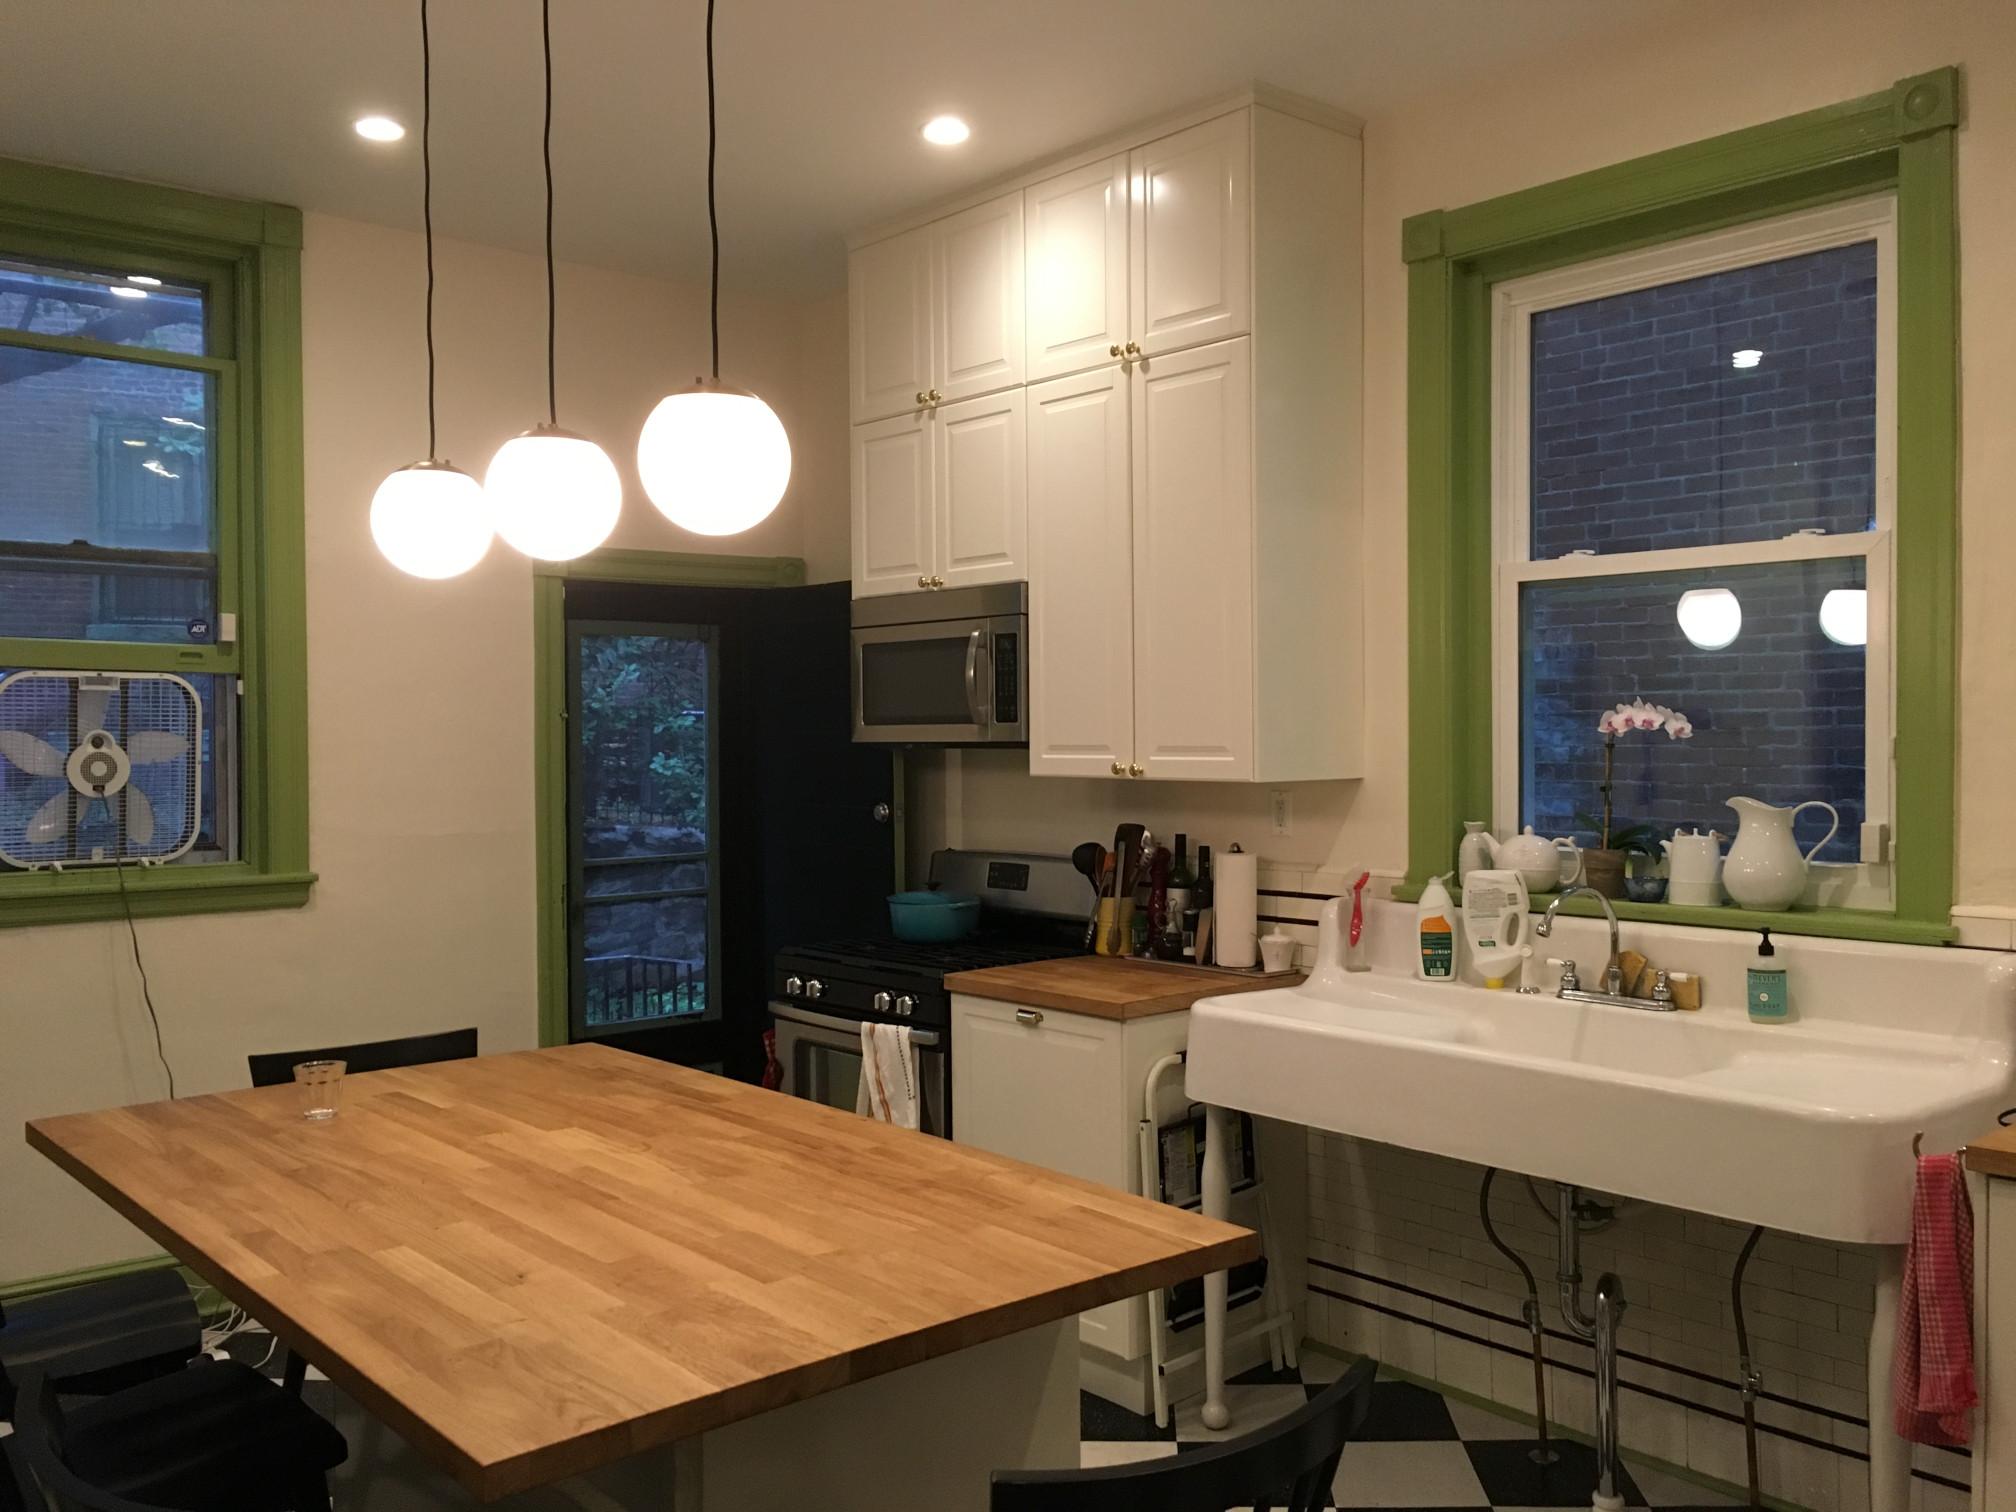 new_old_kitchen_2.JPG